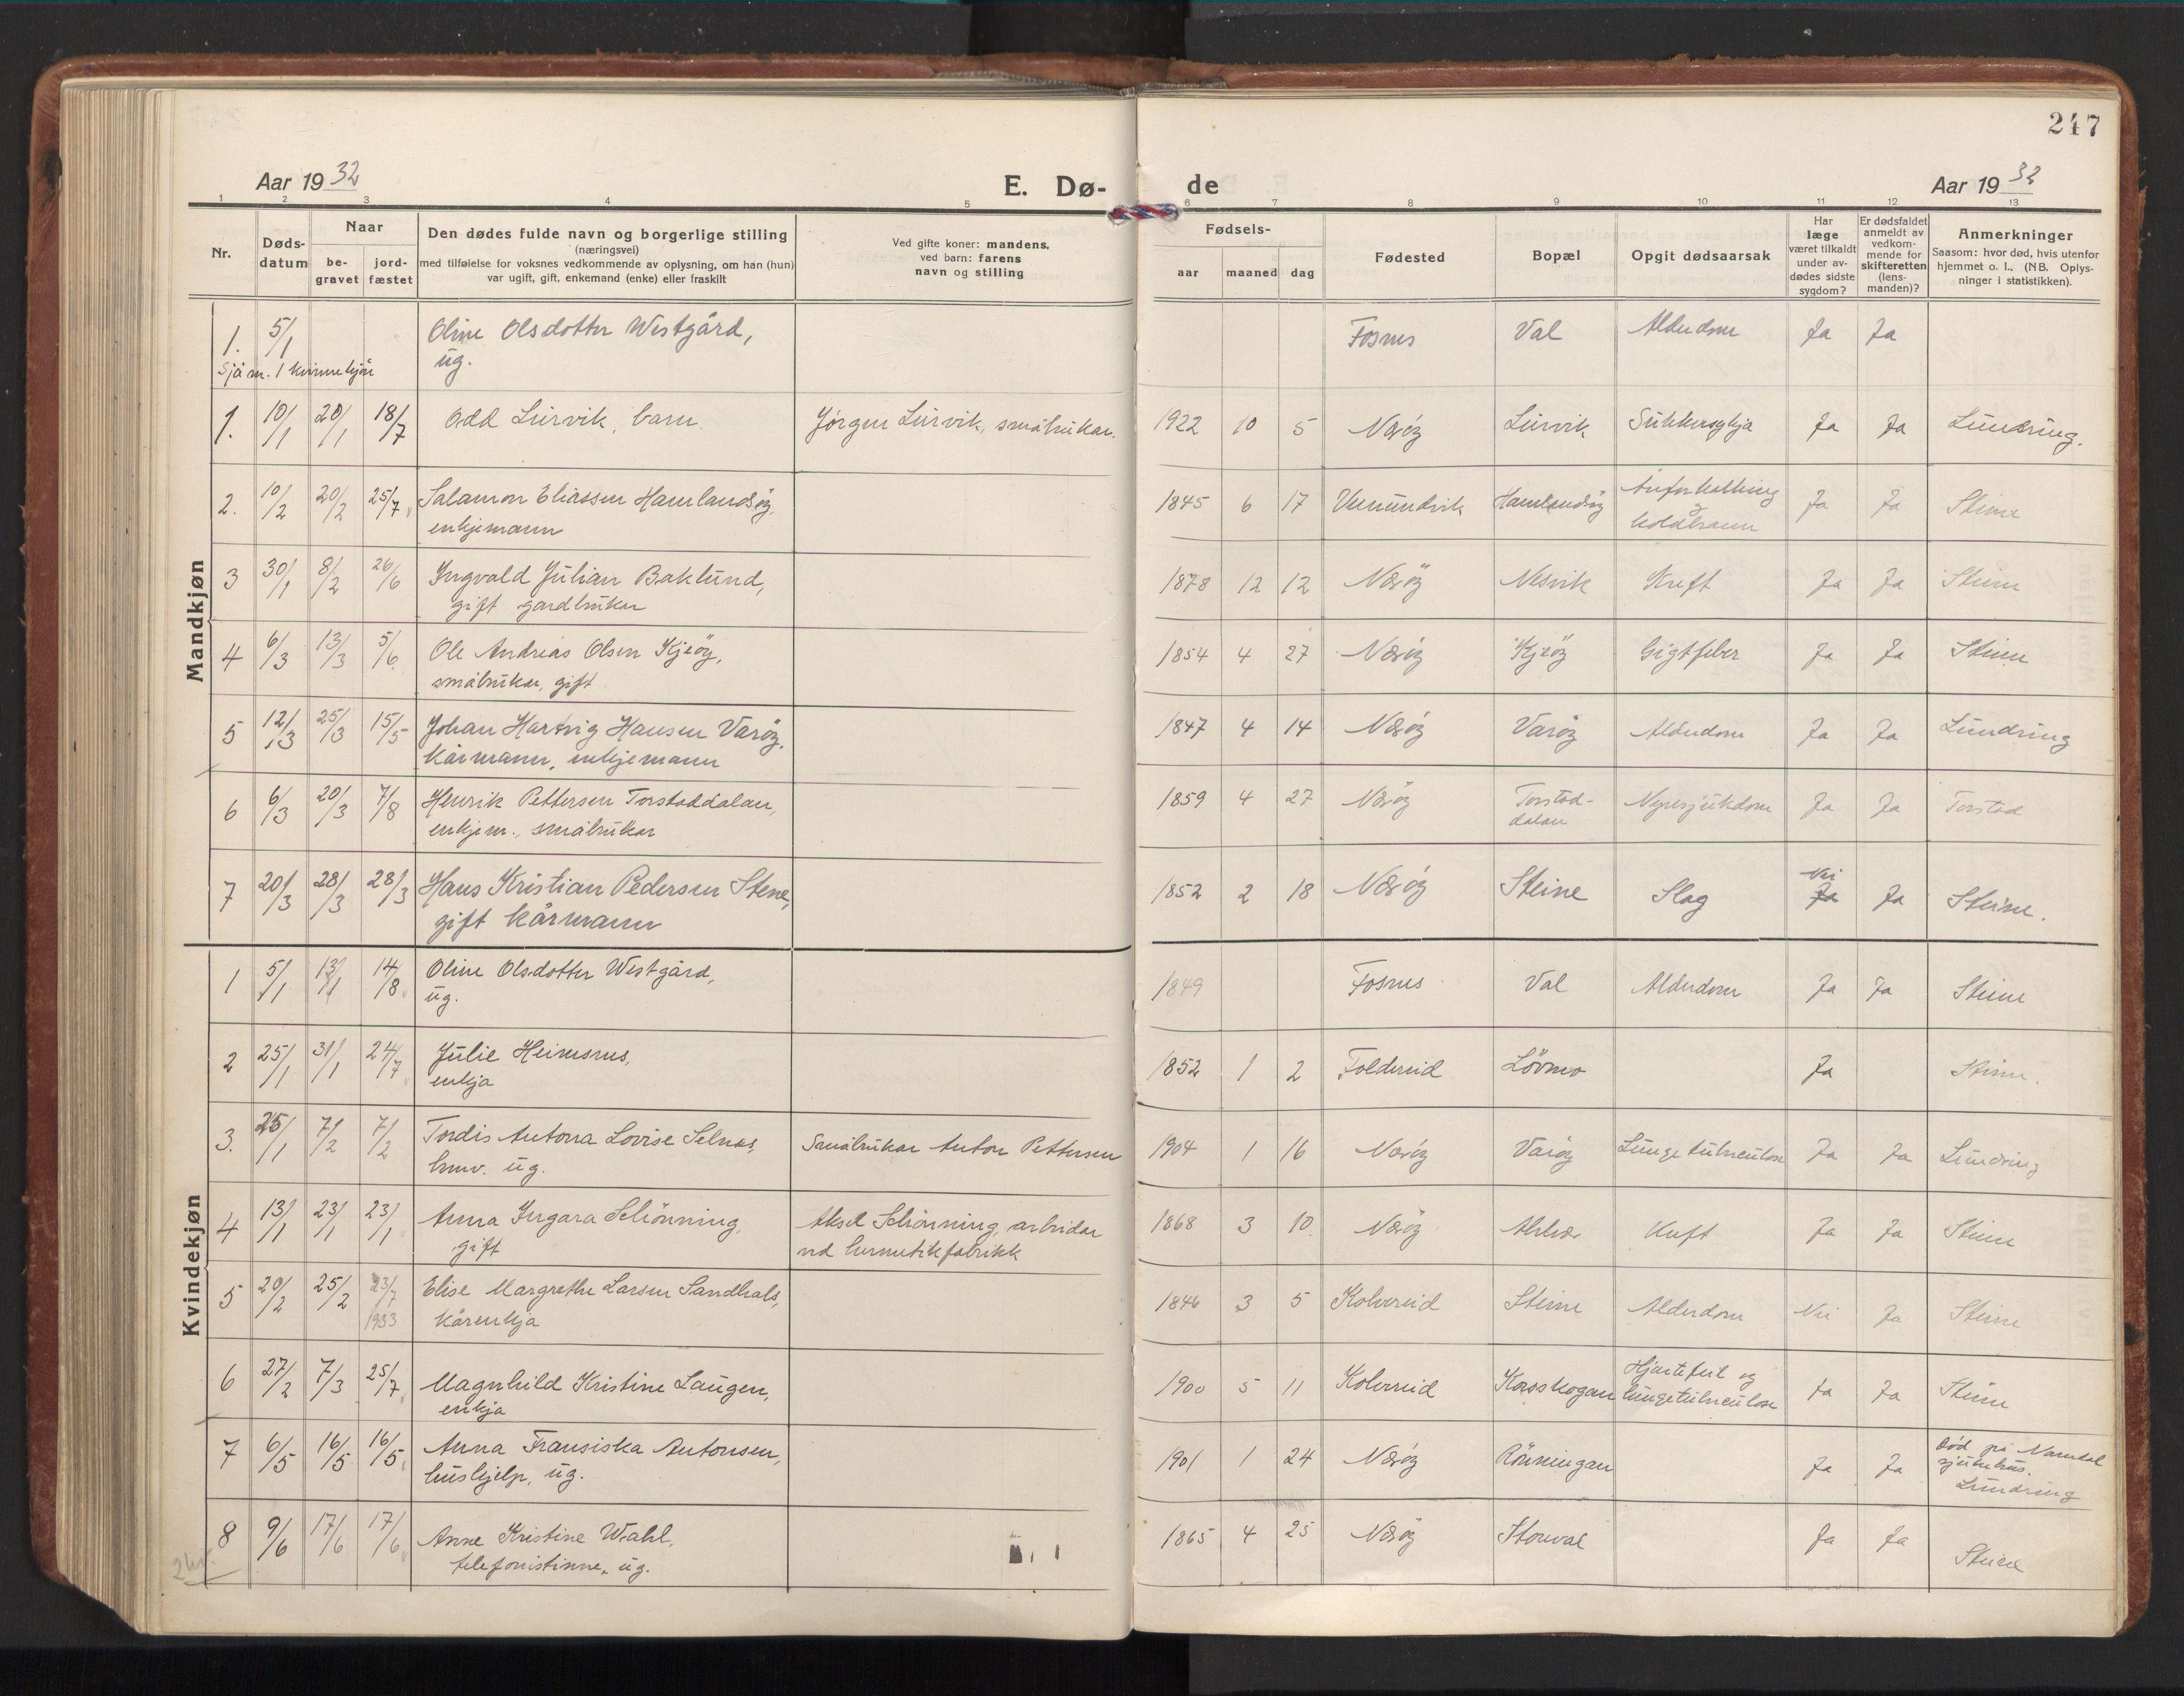 SAT, Ministerialprotokoller, klokkerbøker og fødselsregistre - Nord-Trøndelag, 784/L0678: Ministerialbok nr. 784A13, 1921-1938, s. 247